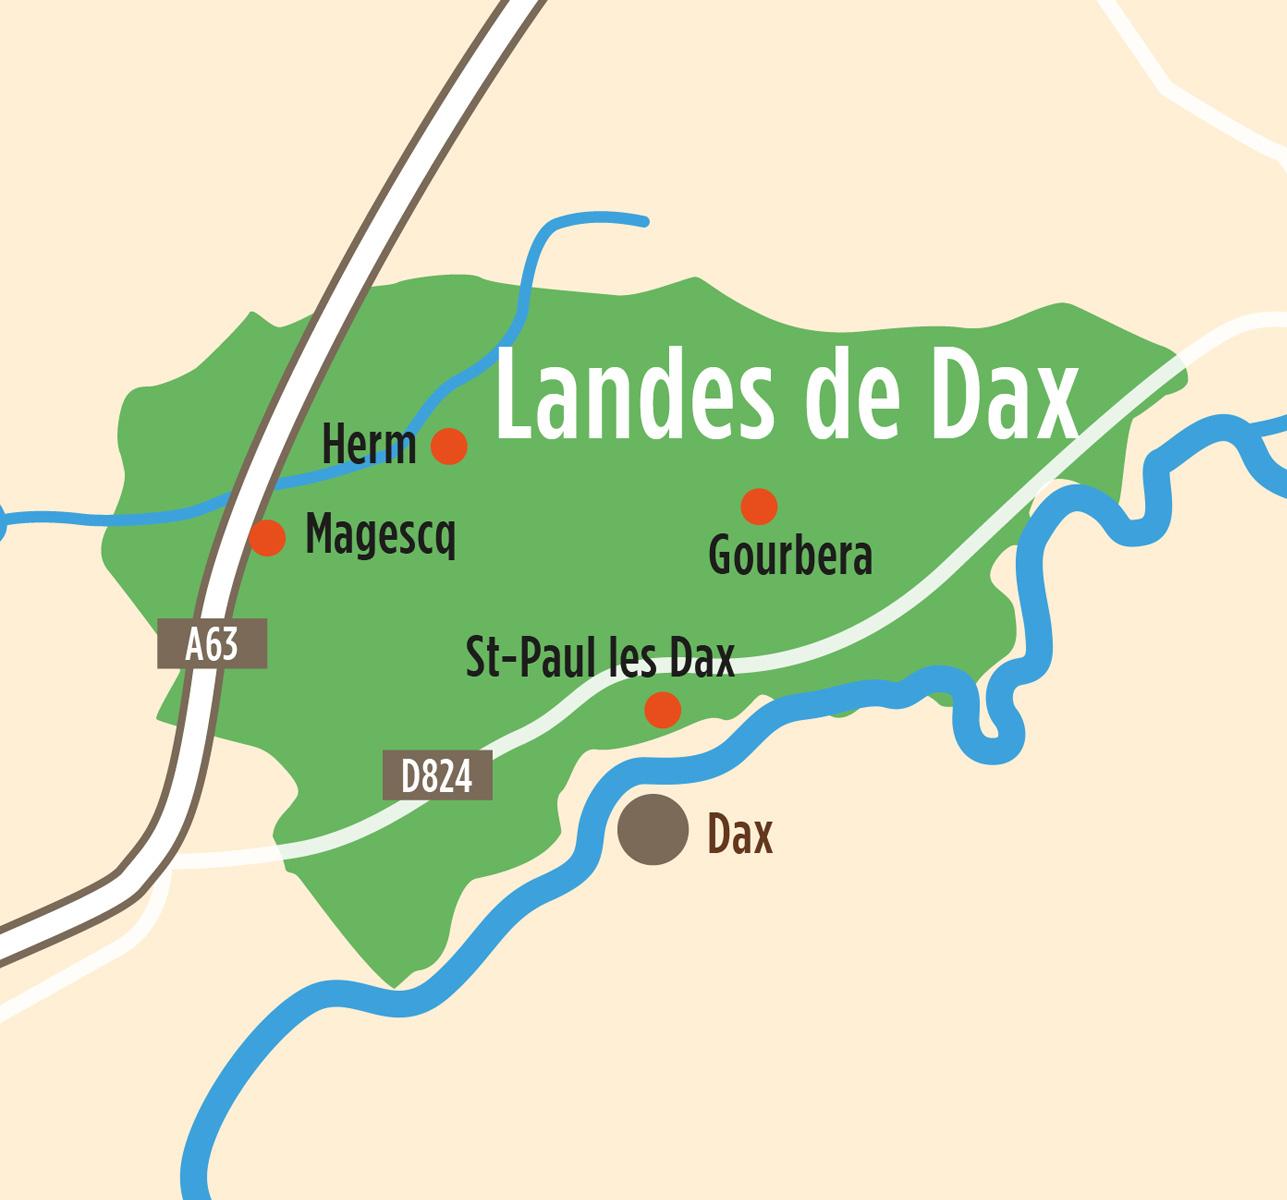 Landes de Dax